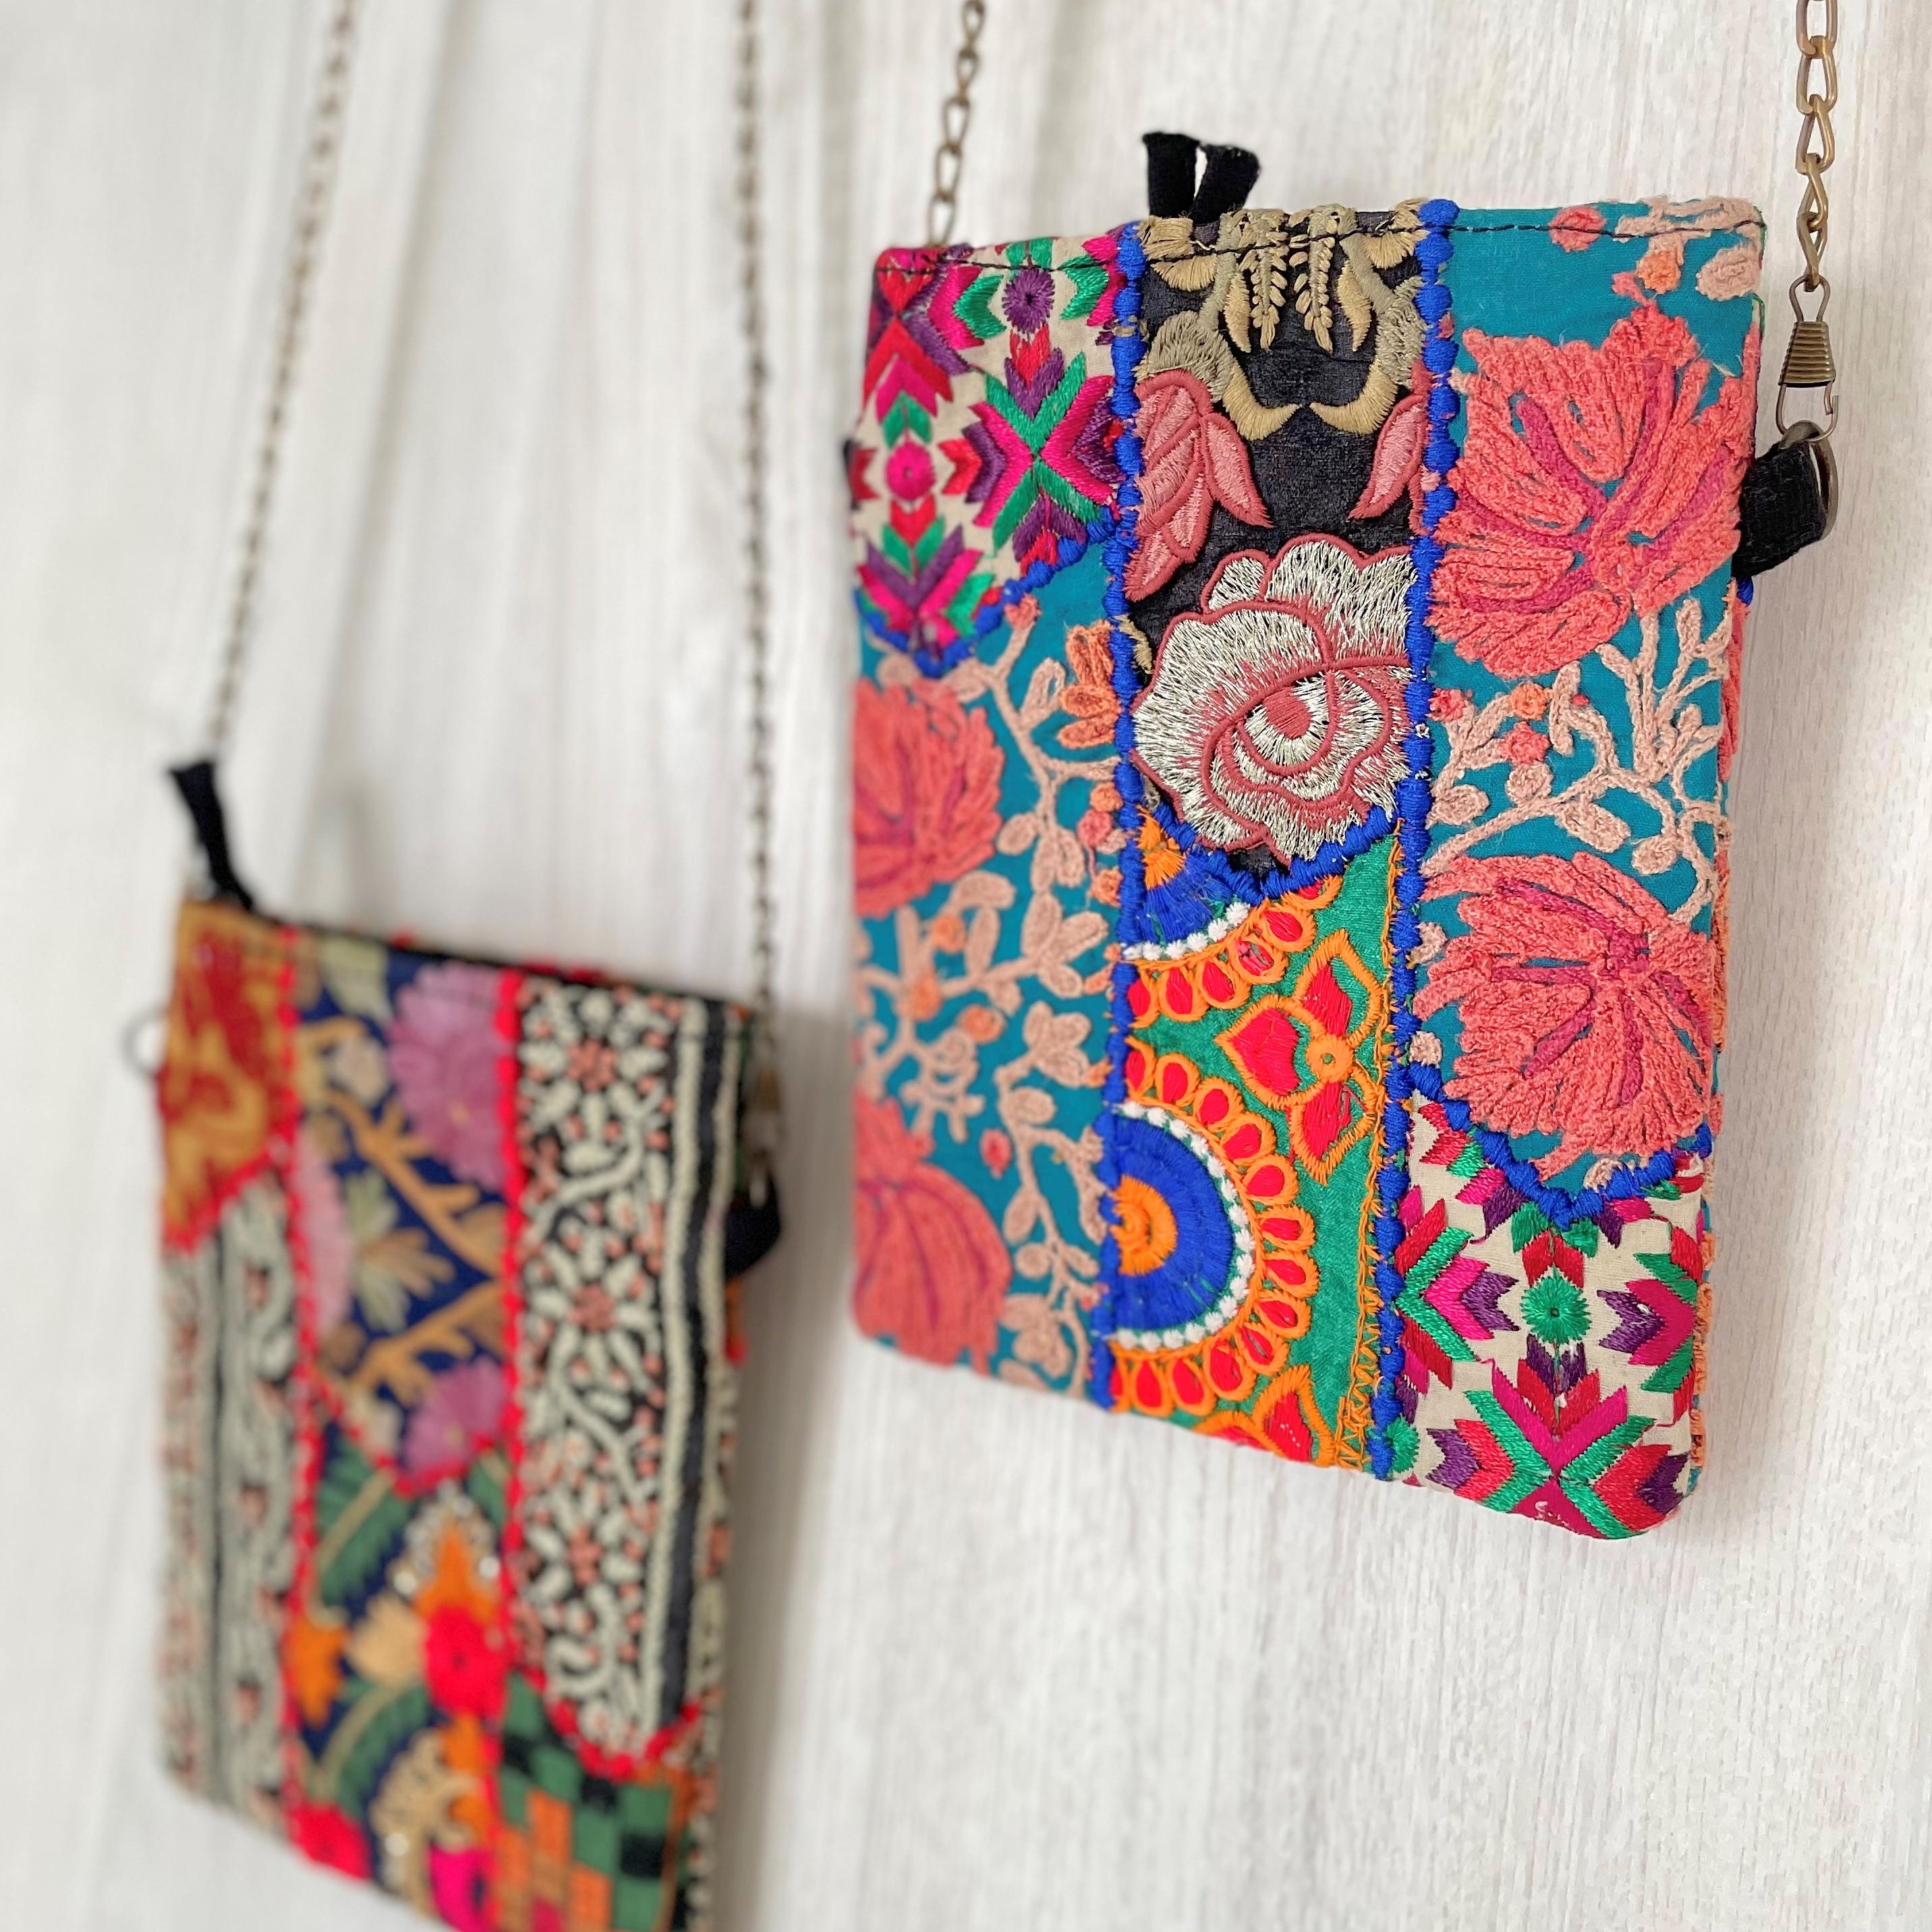 美しい刺繍に目を奪われる、ヴィンテージ刺繍バッグ